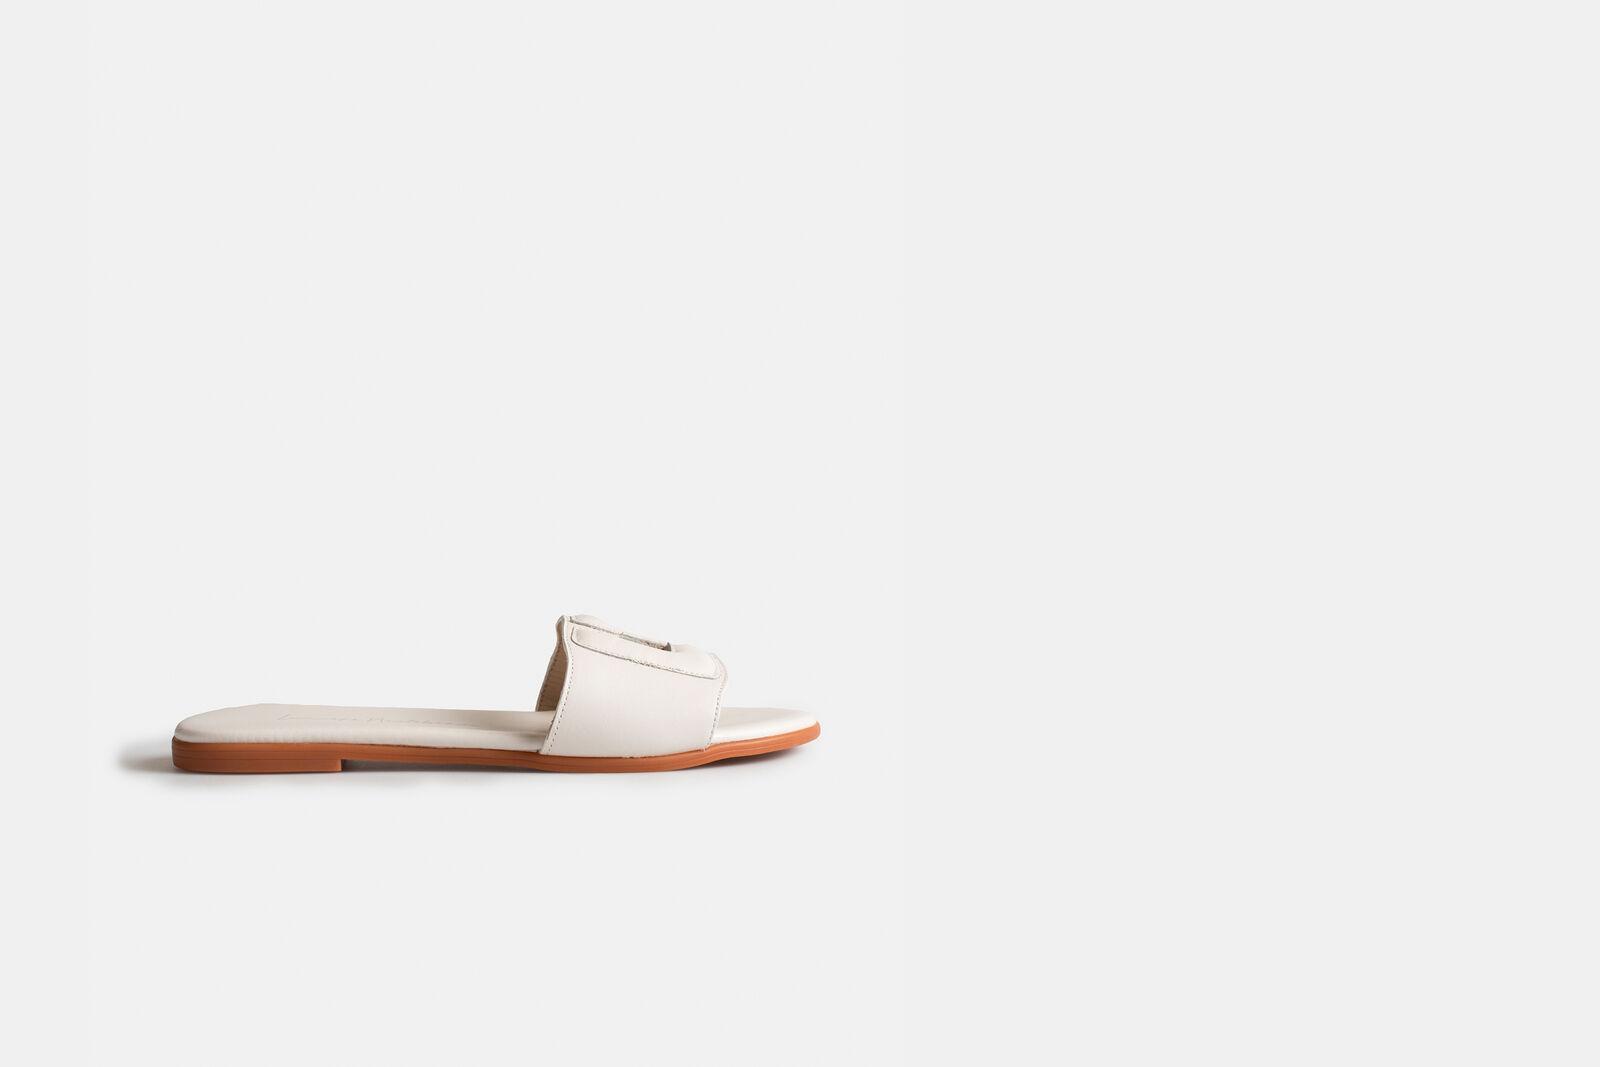 Leather Slipper by Lonneke